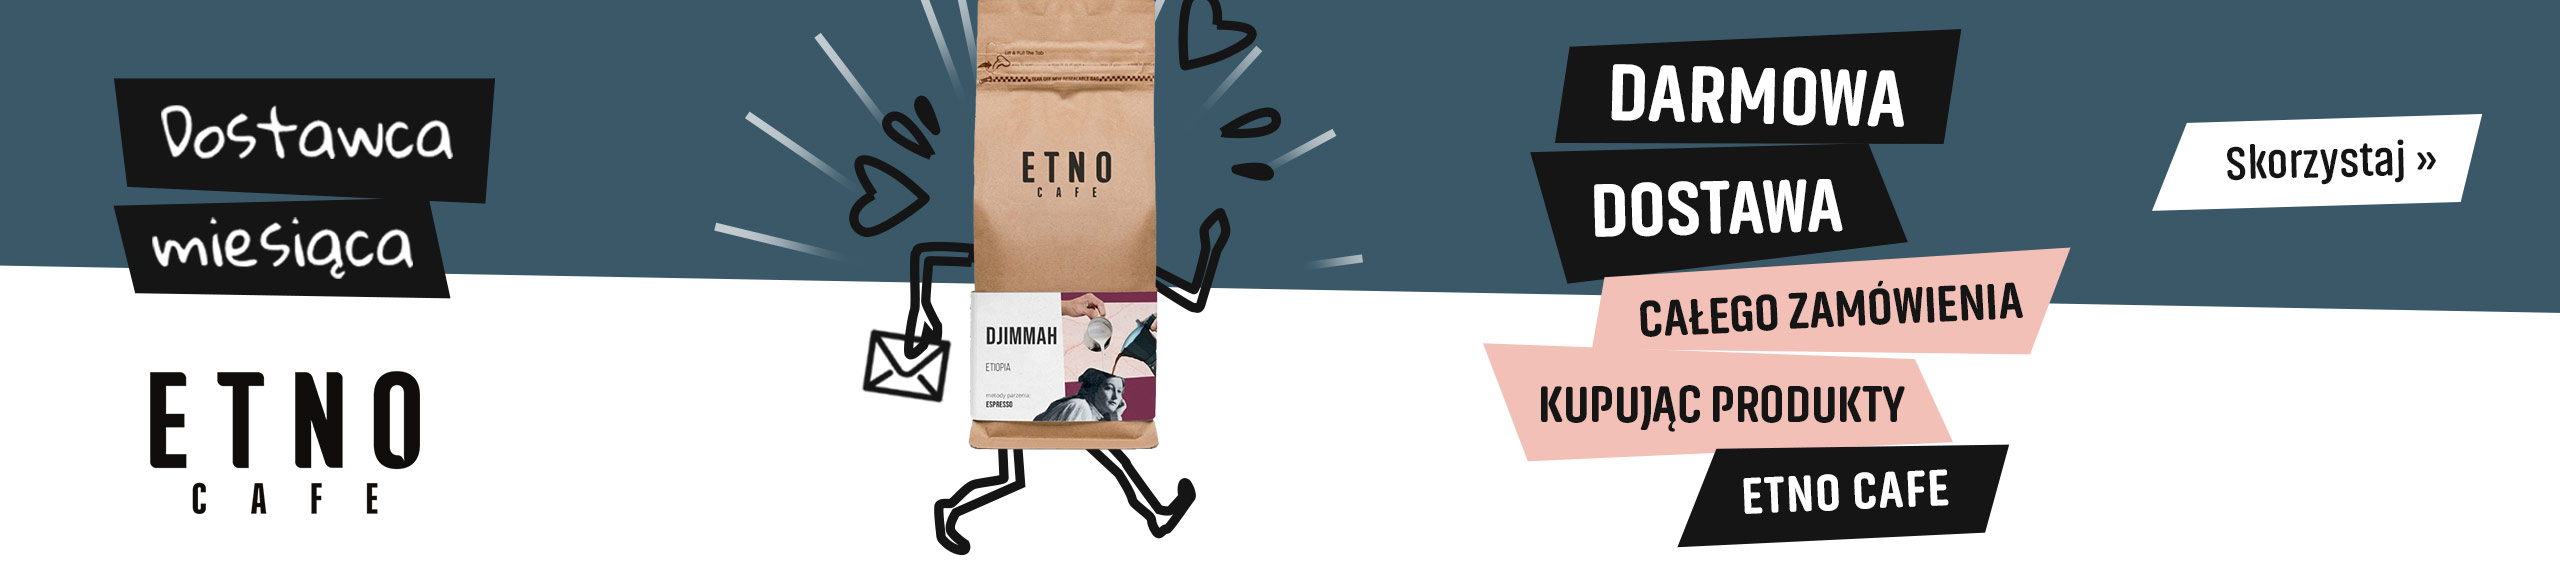 Darmowa Dostawa kupując produkty palarni Etno Cafe